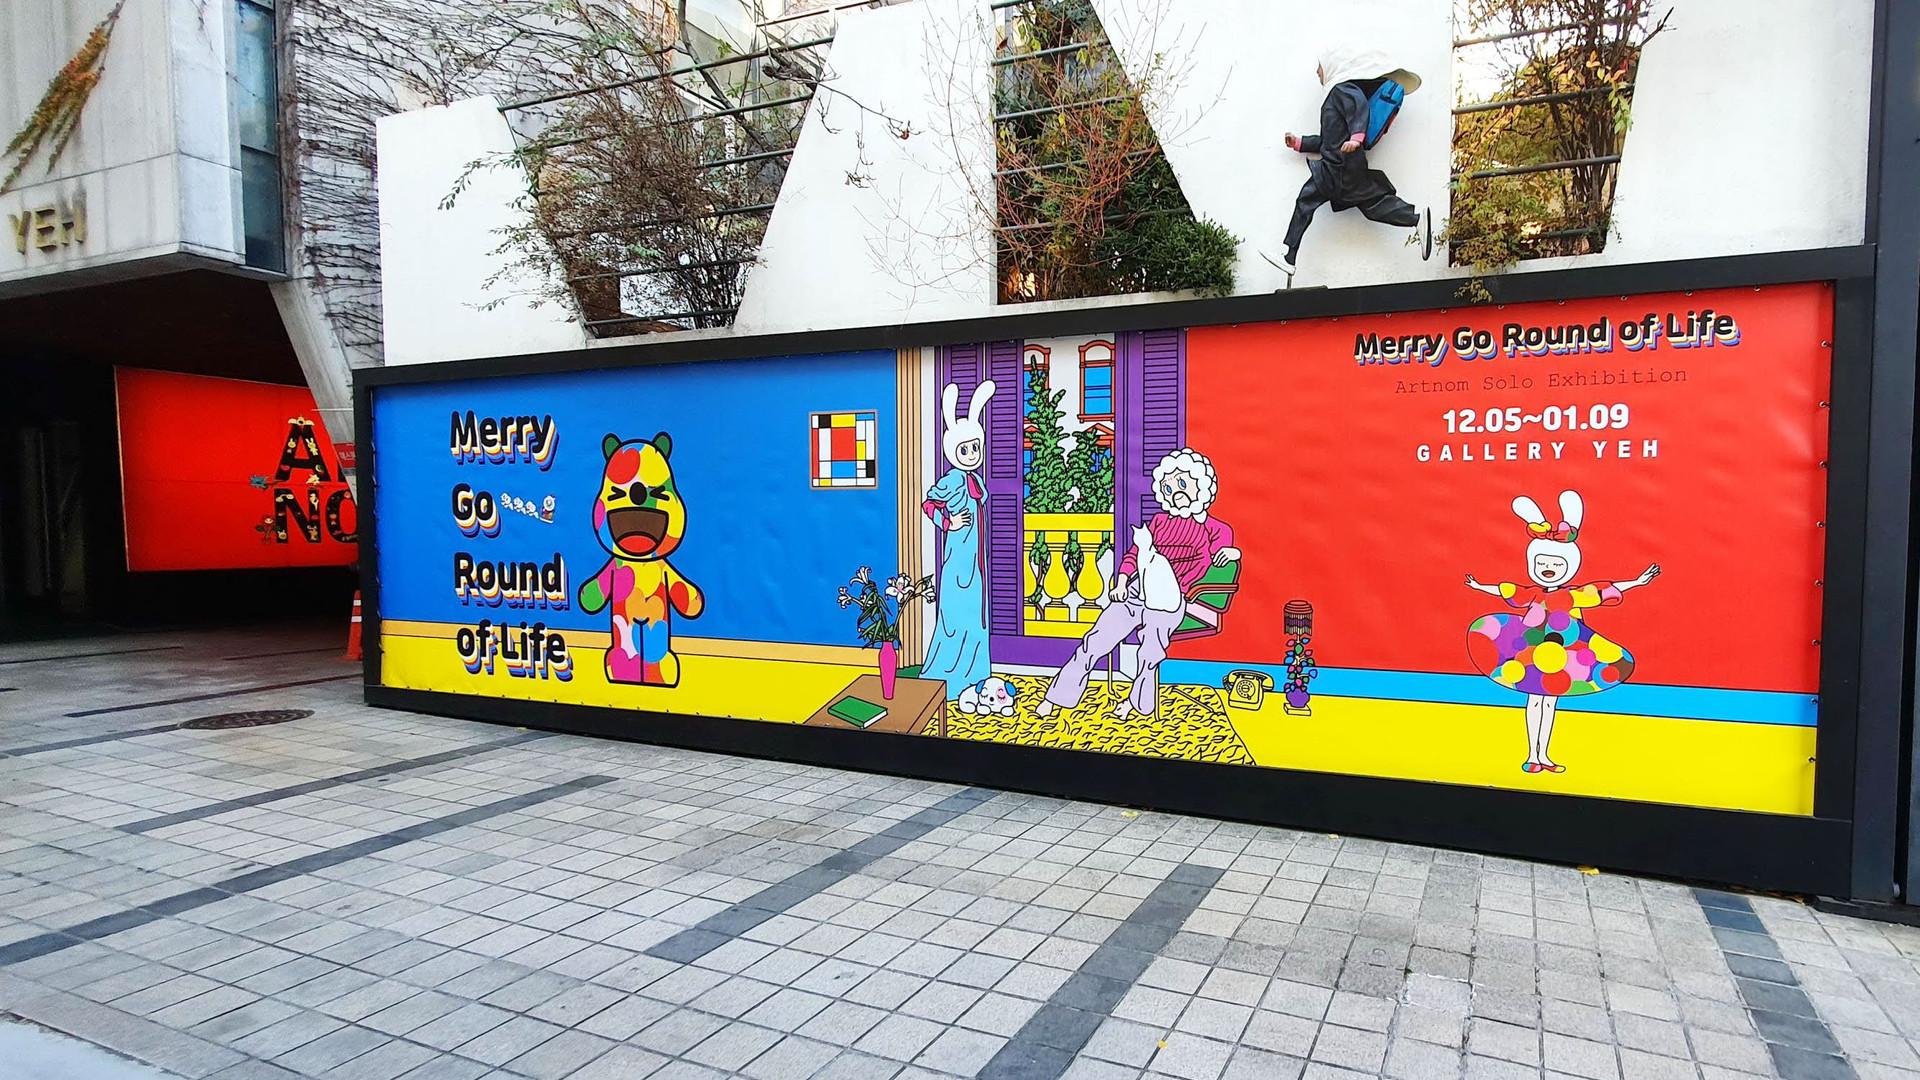 아트놈 Merry Go Round of Life 전시장 전경 (1).jp